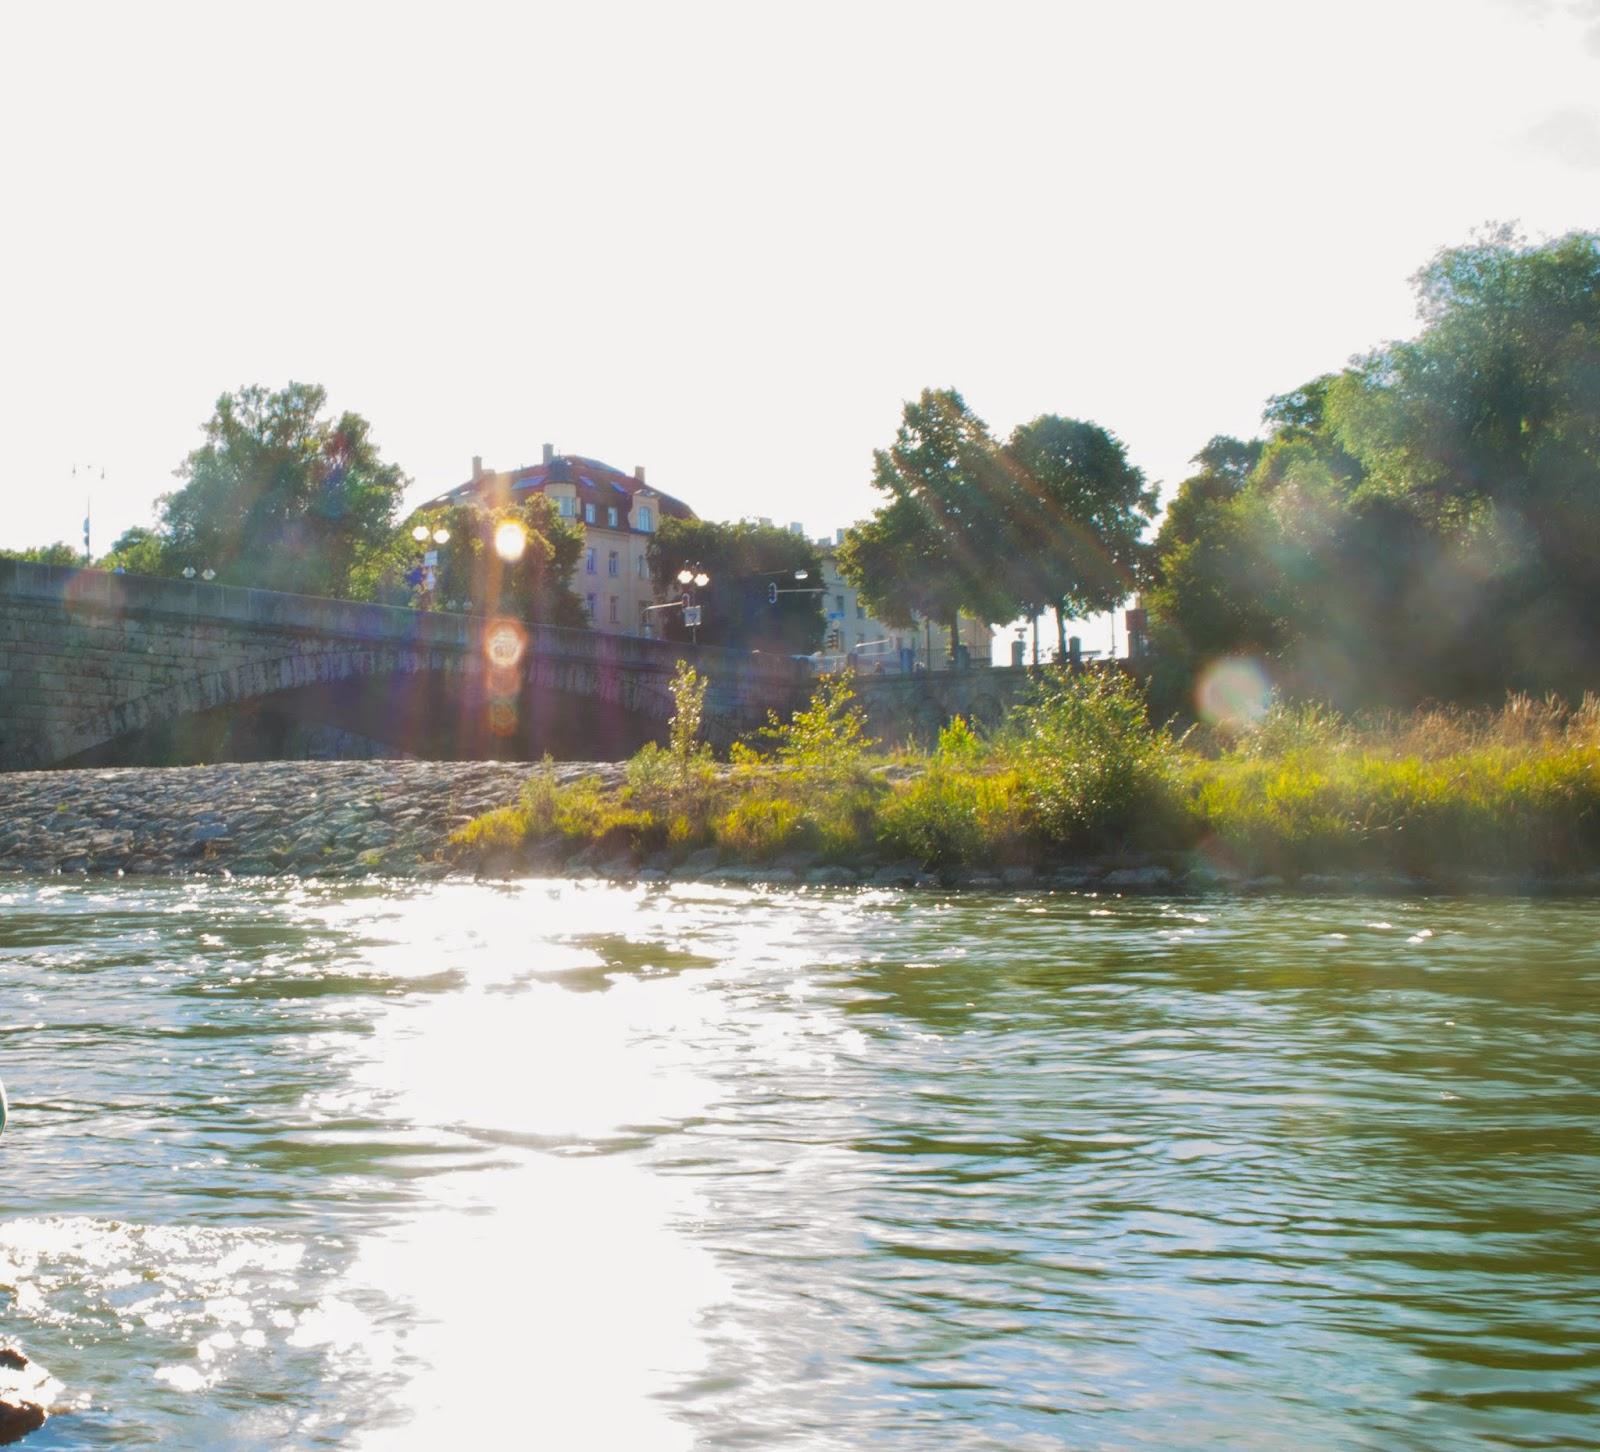 Sommer dahoam: Baden in der Stadt Isar Wittelsbacher Brücke München Minga Munich Englischer Garten Hupsis Serendipity Sommer Lifestyle